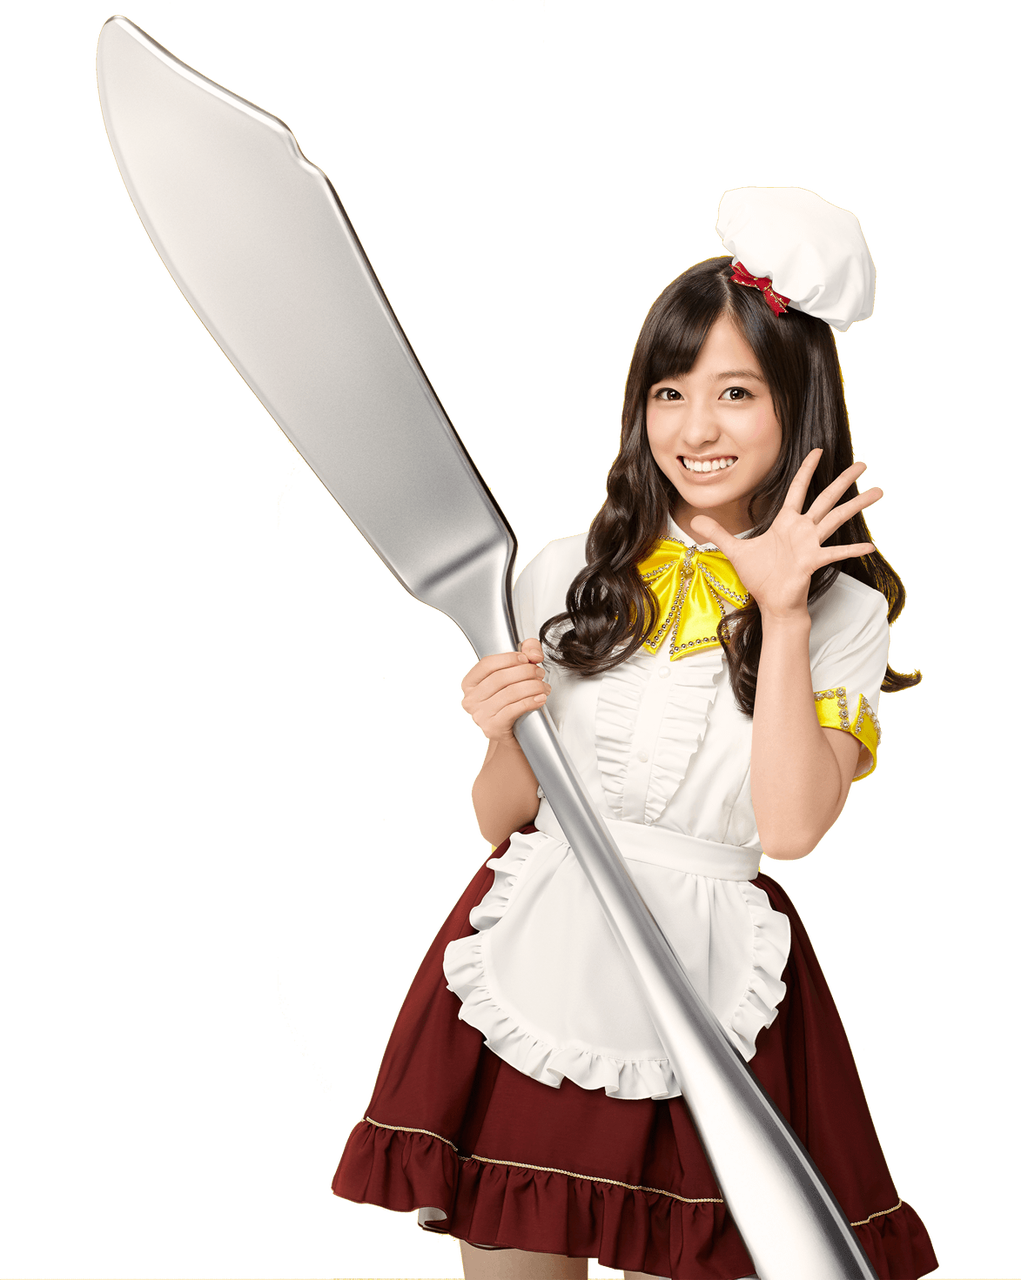 橋本環奈 Hashimoto Kanna Neosoft ネオソフト Pictures 4